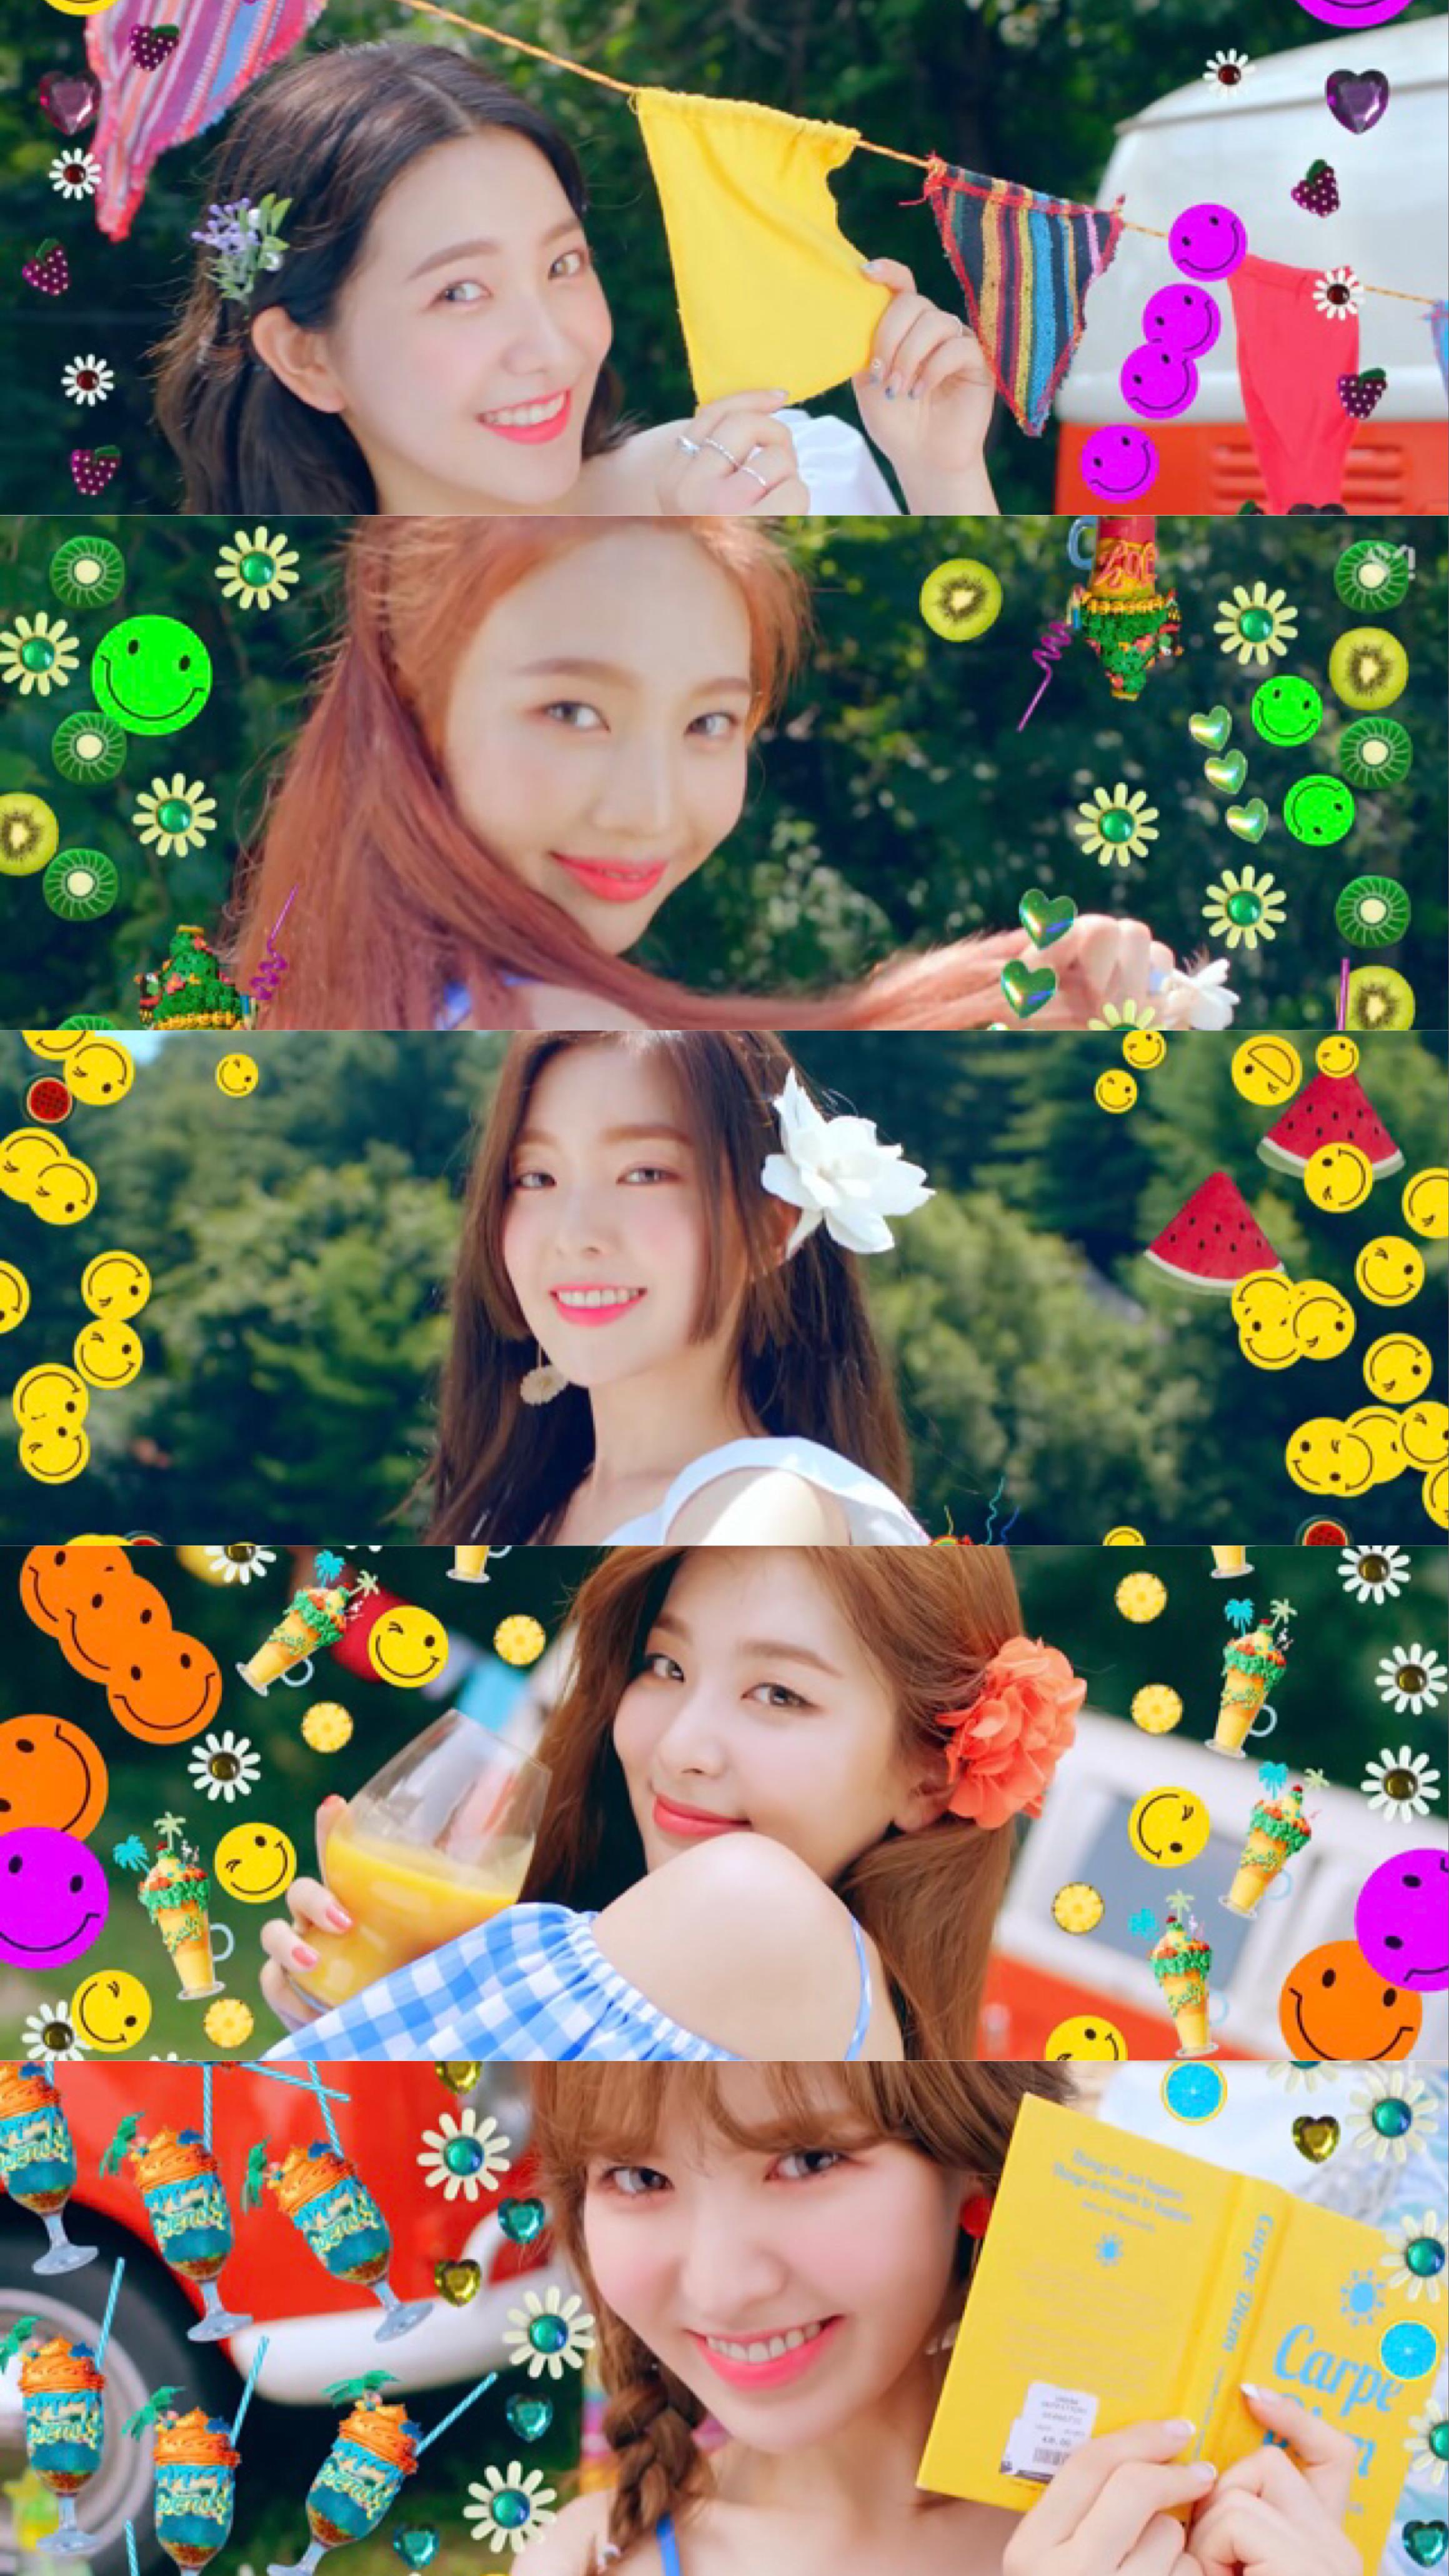 Red Velvet Power Up Mv Industry Proj In 2019 Pinterest Red